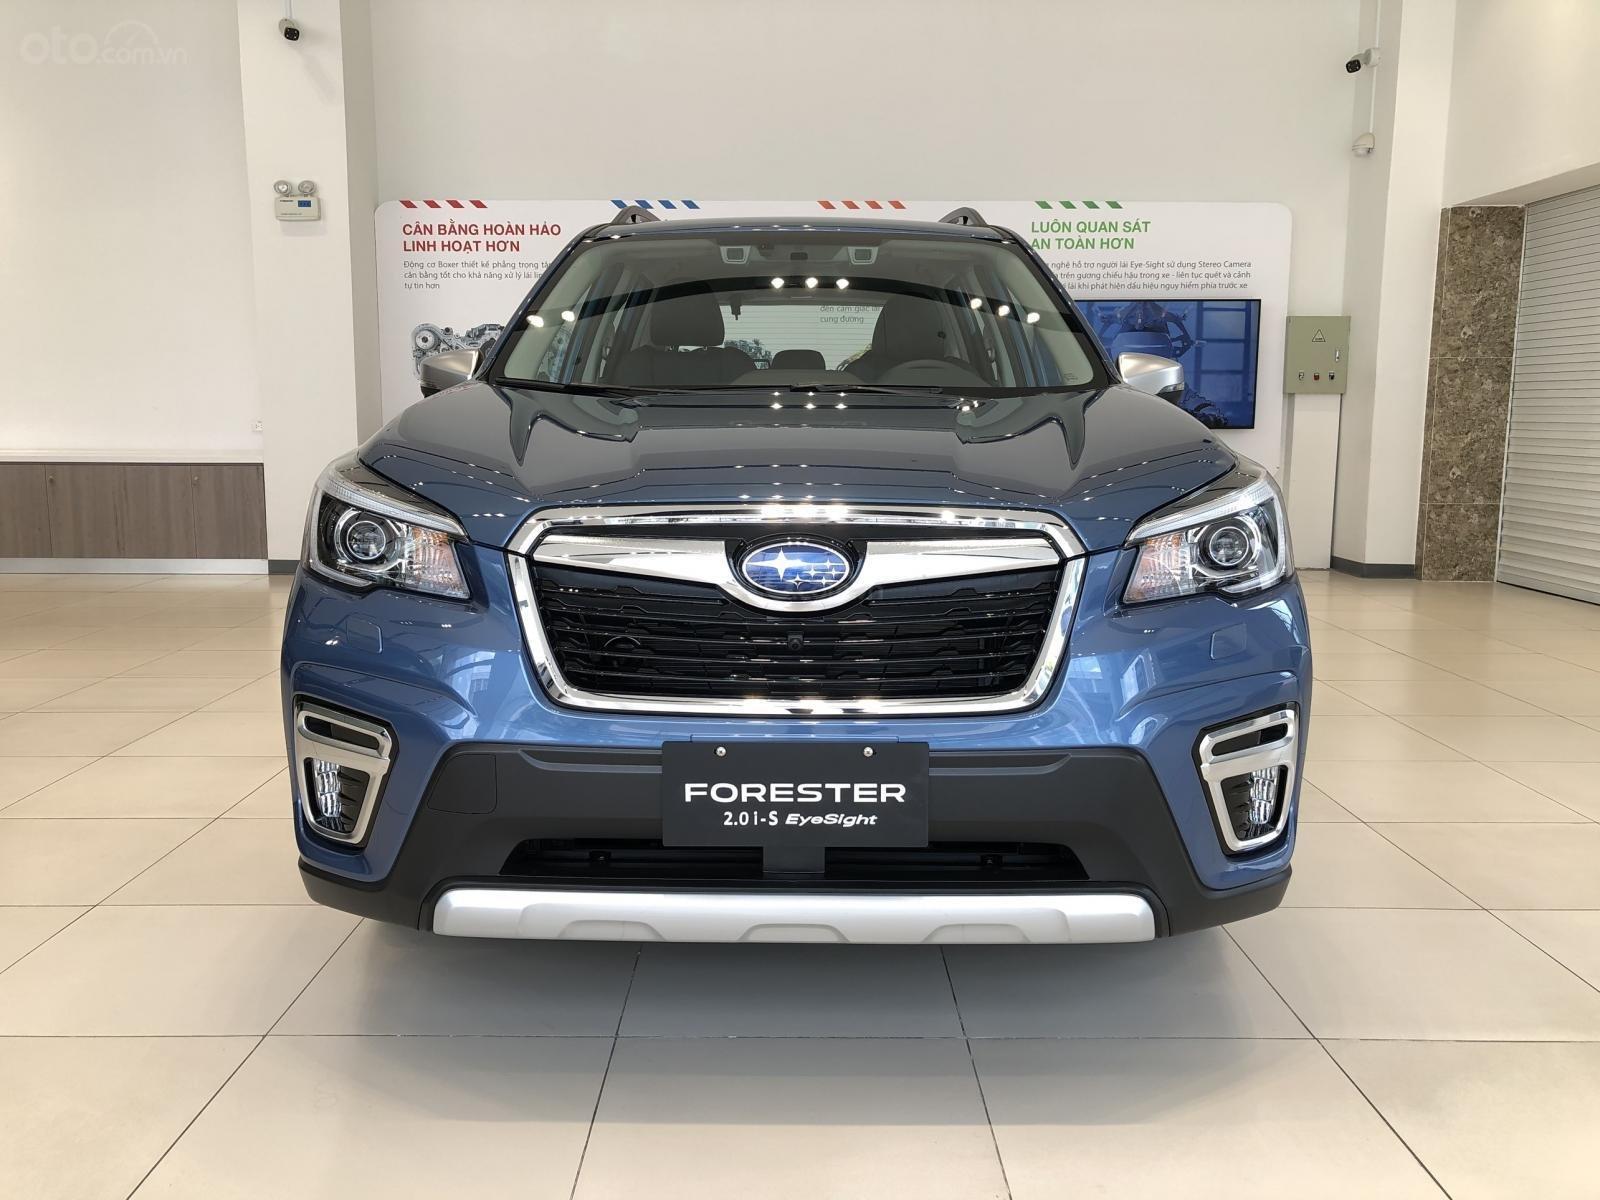 Subaru Forester giảm mạnh 229tr - và nhận nhiều quà tặng ý nghĩa hấp dẫn khi đặt xe trong T11 - Subaru Việt Nam (1)